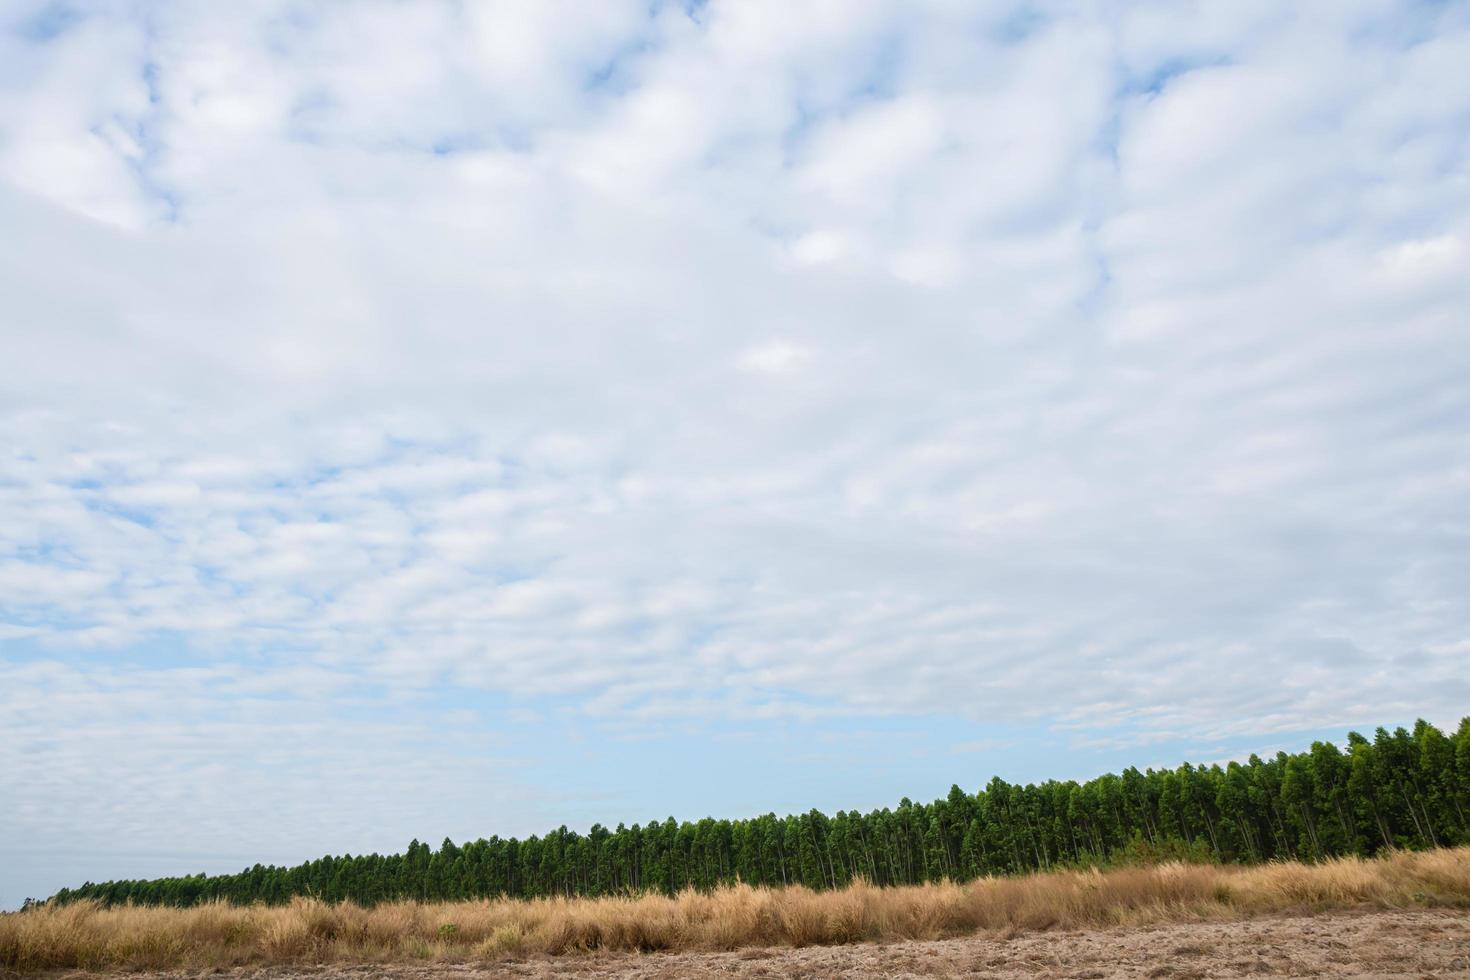 paysage rural avec des arbres photo